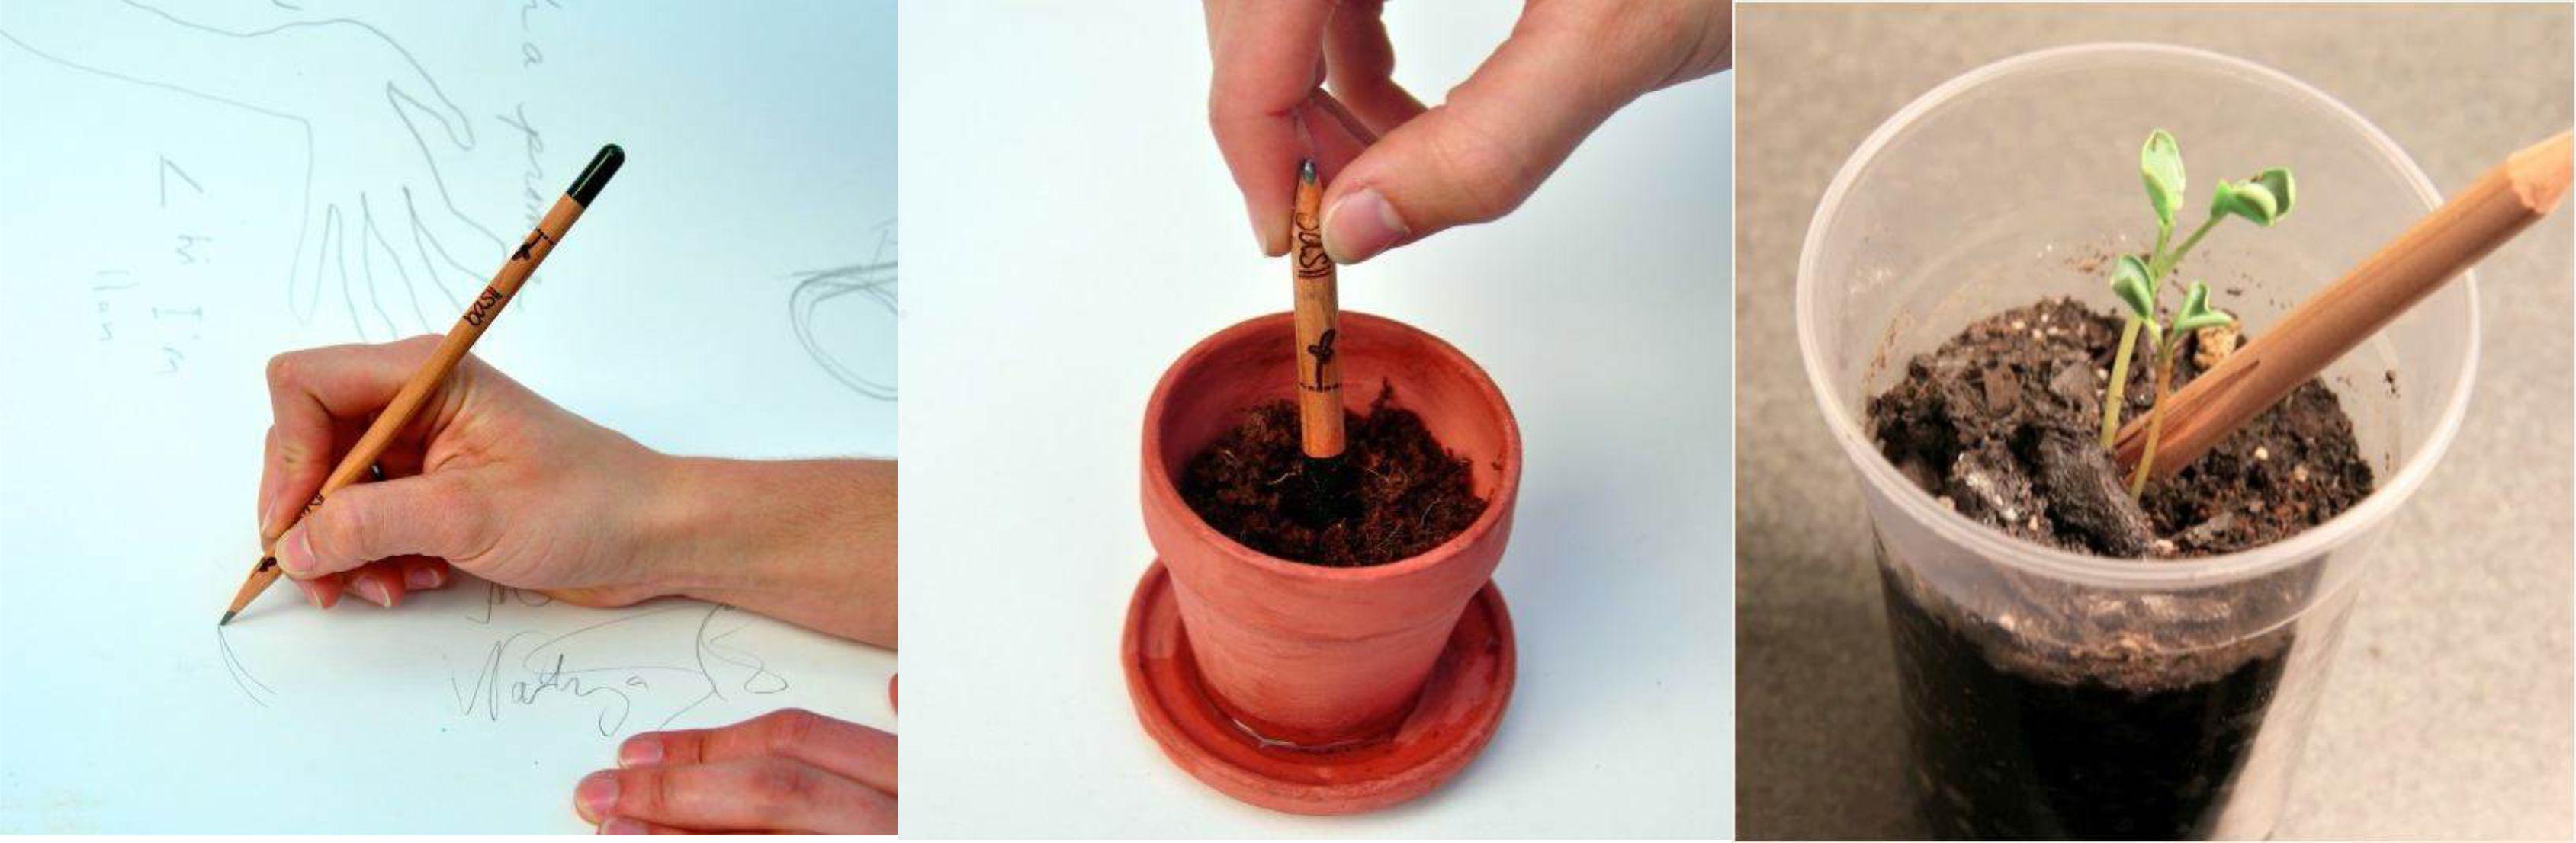 Kikelő ceruza - újrahasznosítható ceruza másképp